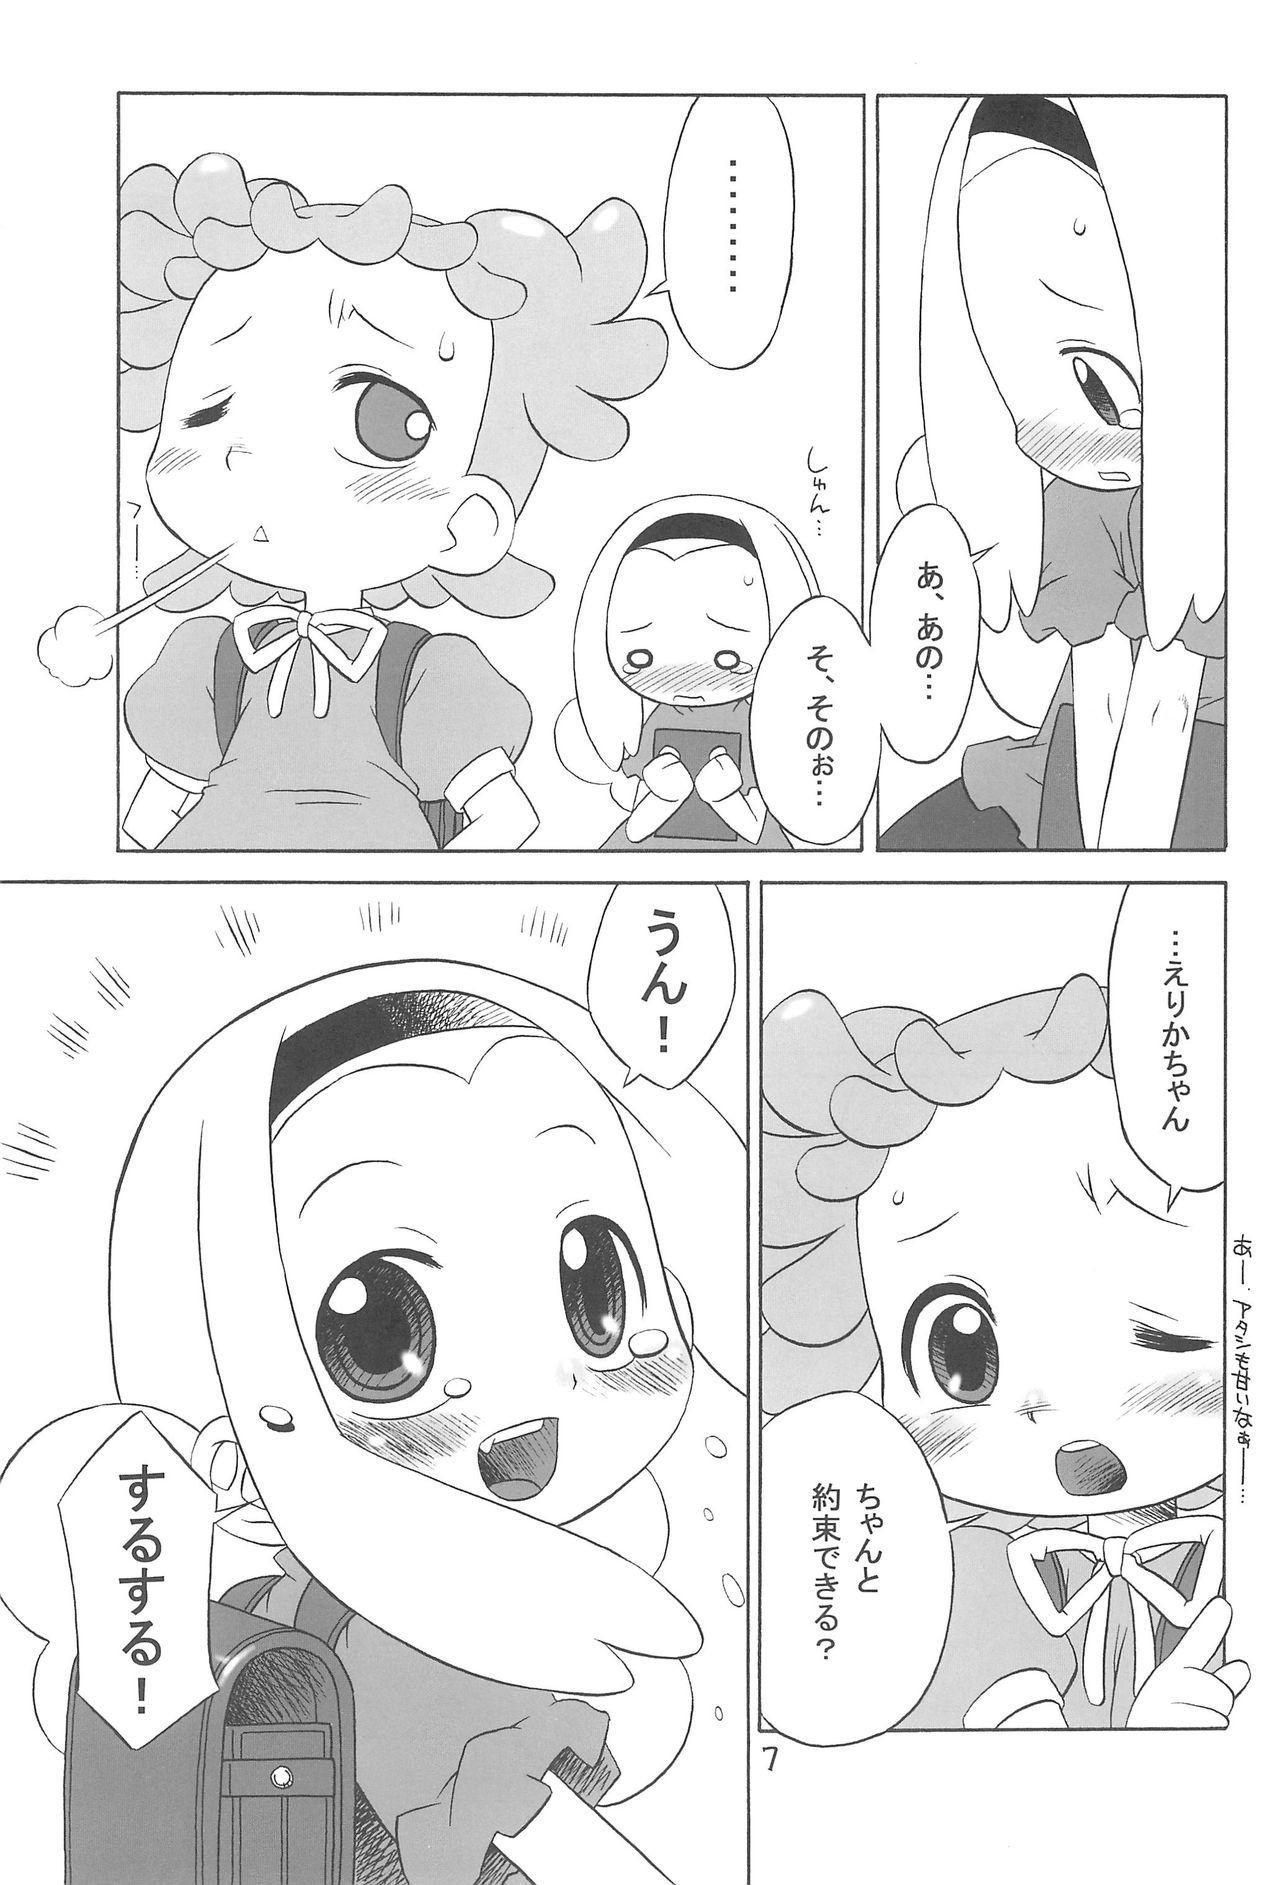 Tayorinai Bokura no Hateshinai Ashita. 6